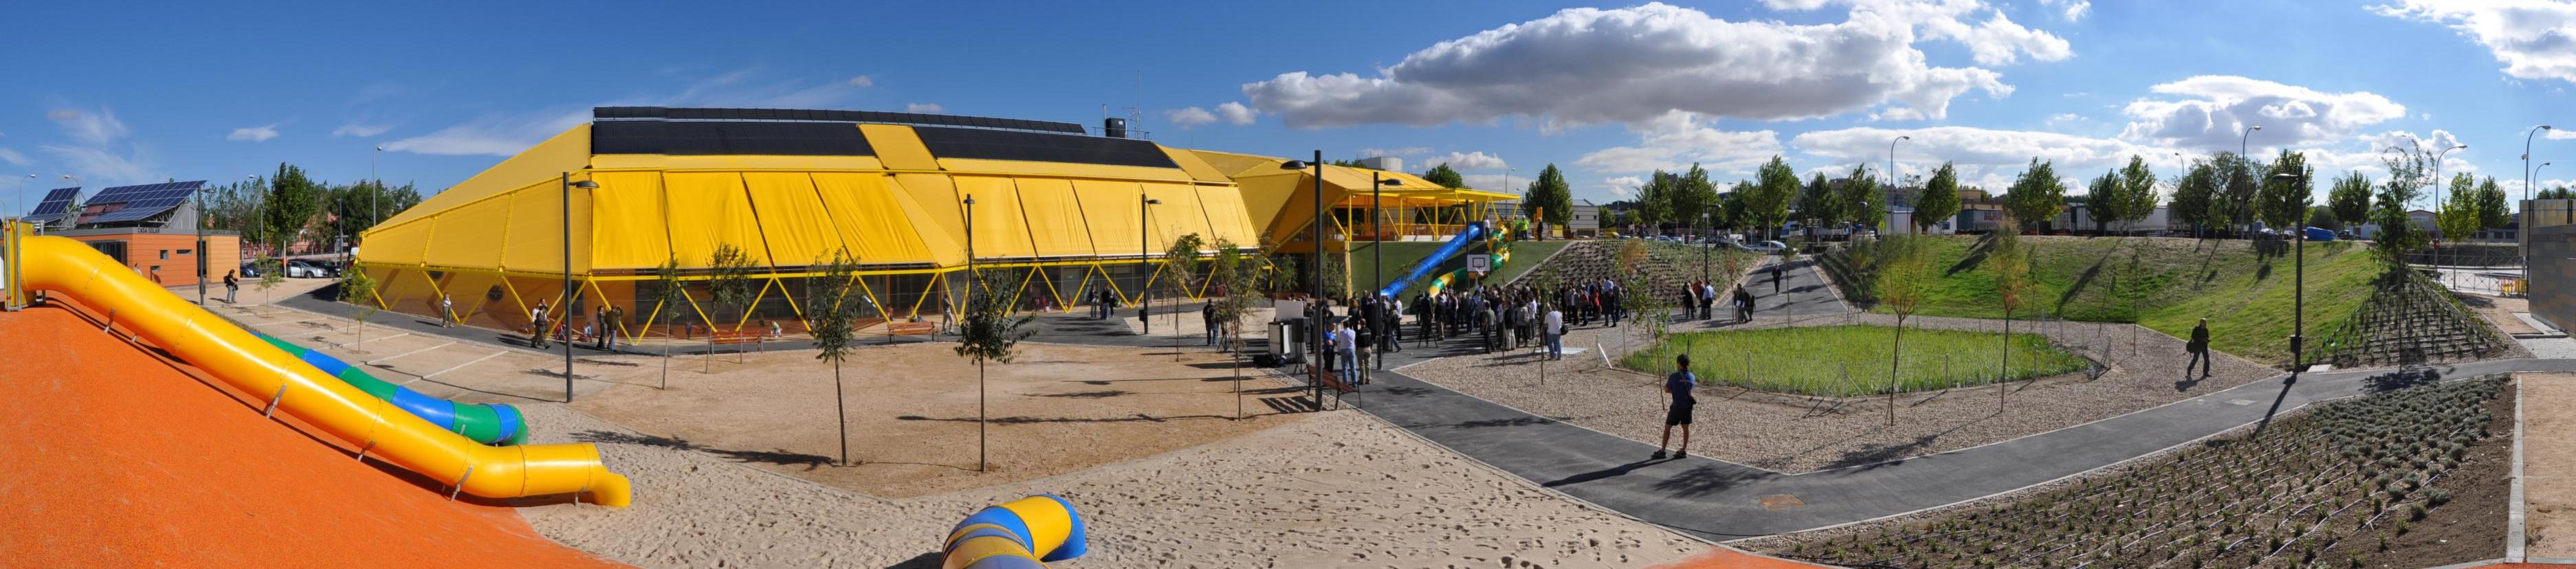 plaza   ecosistema urbano